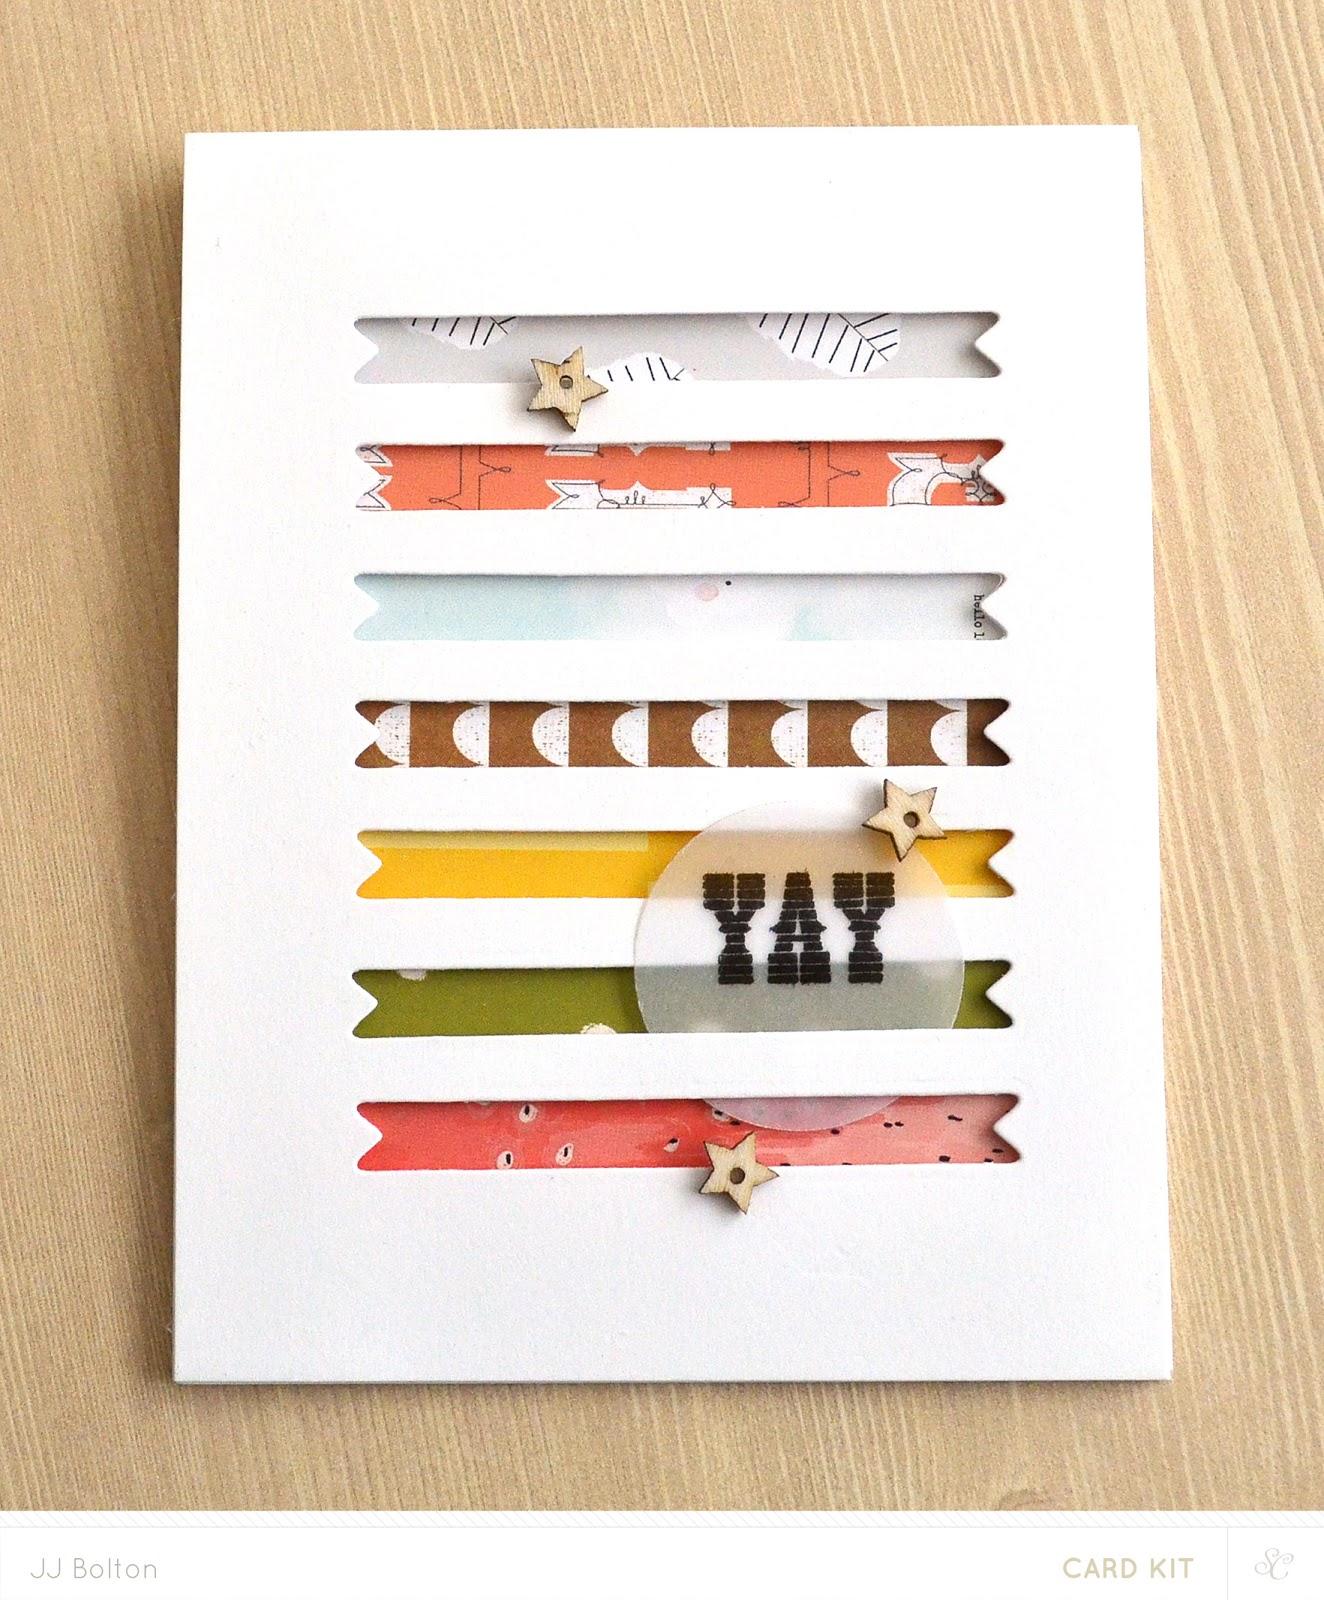 jj bolton handmade cards studio calico penny arcade reveal